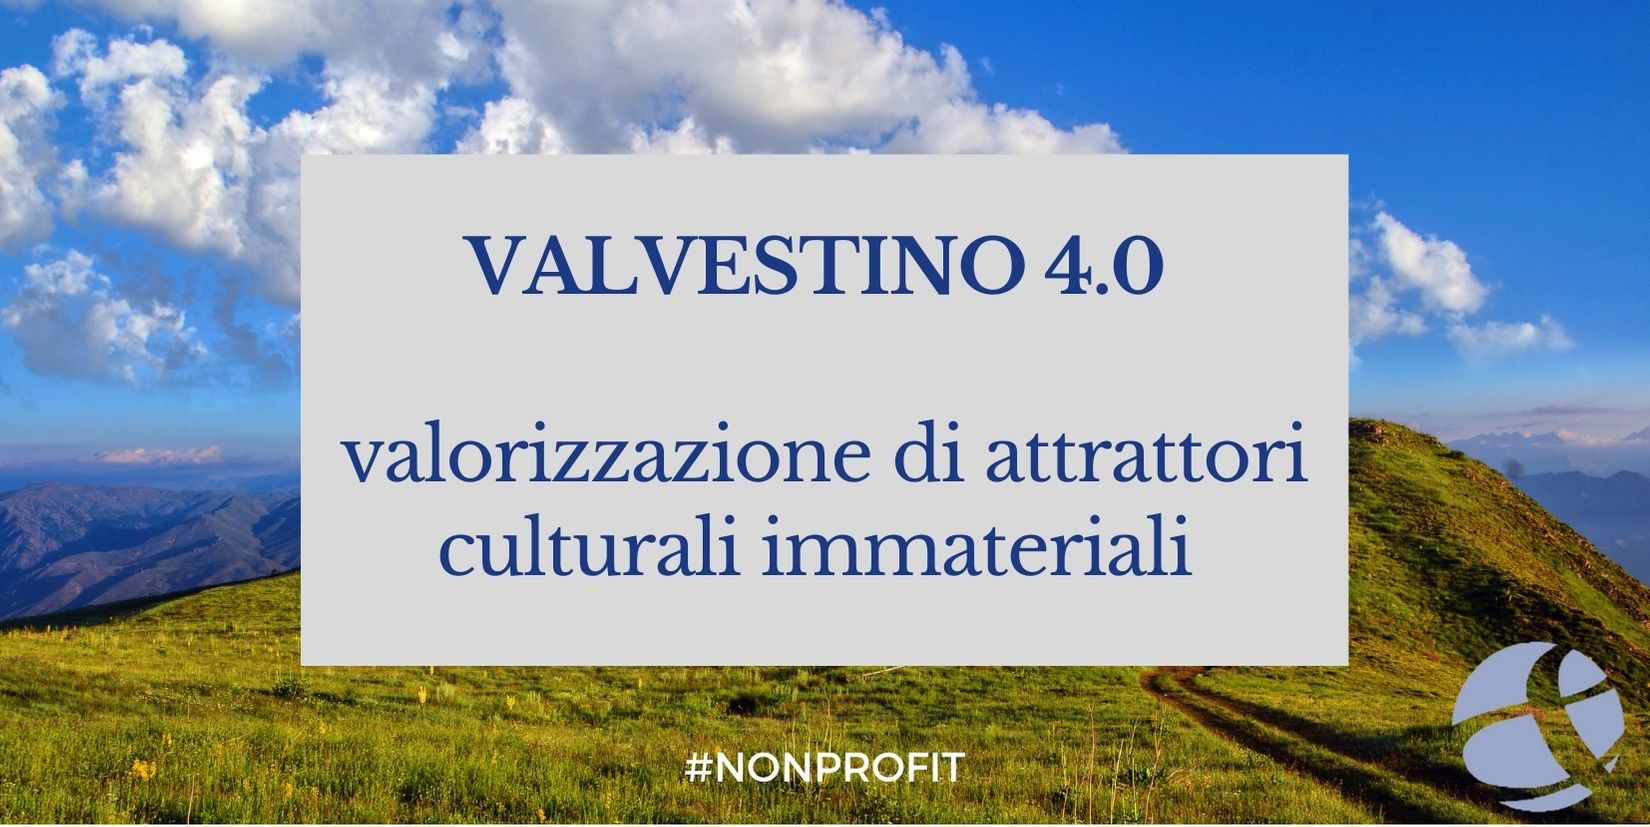 Alla scoperta del progetto Valvestino4.0: tra tradizione e innovazione